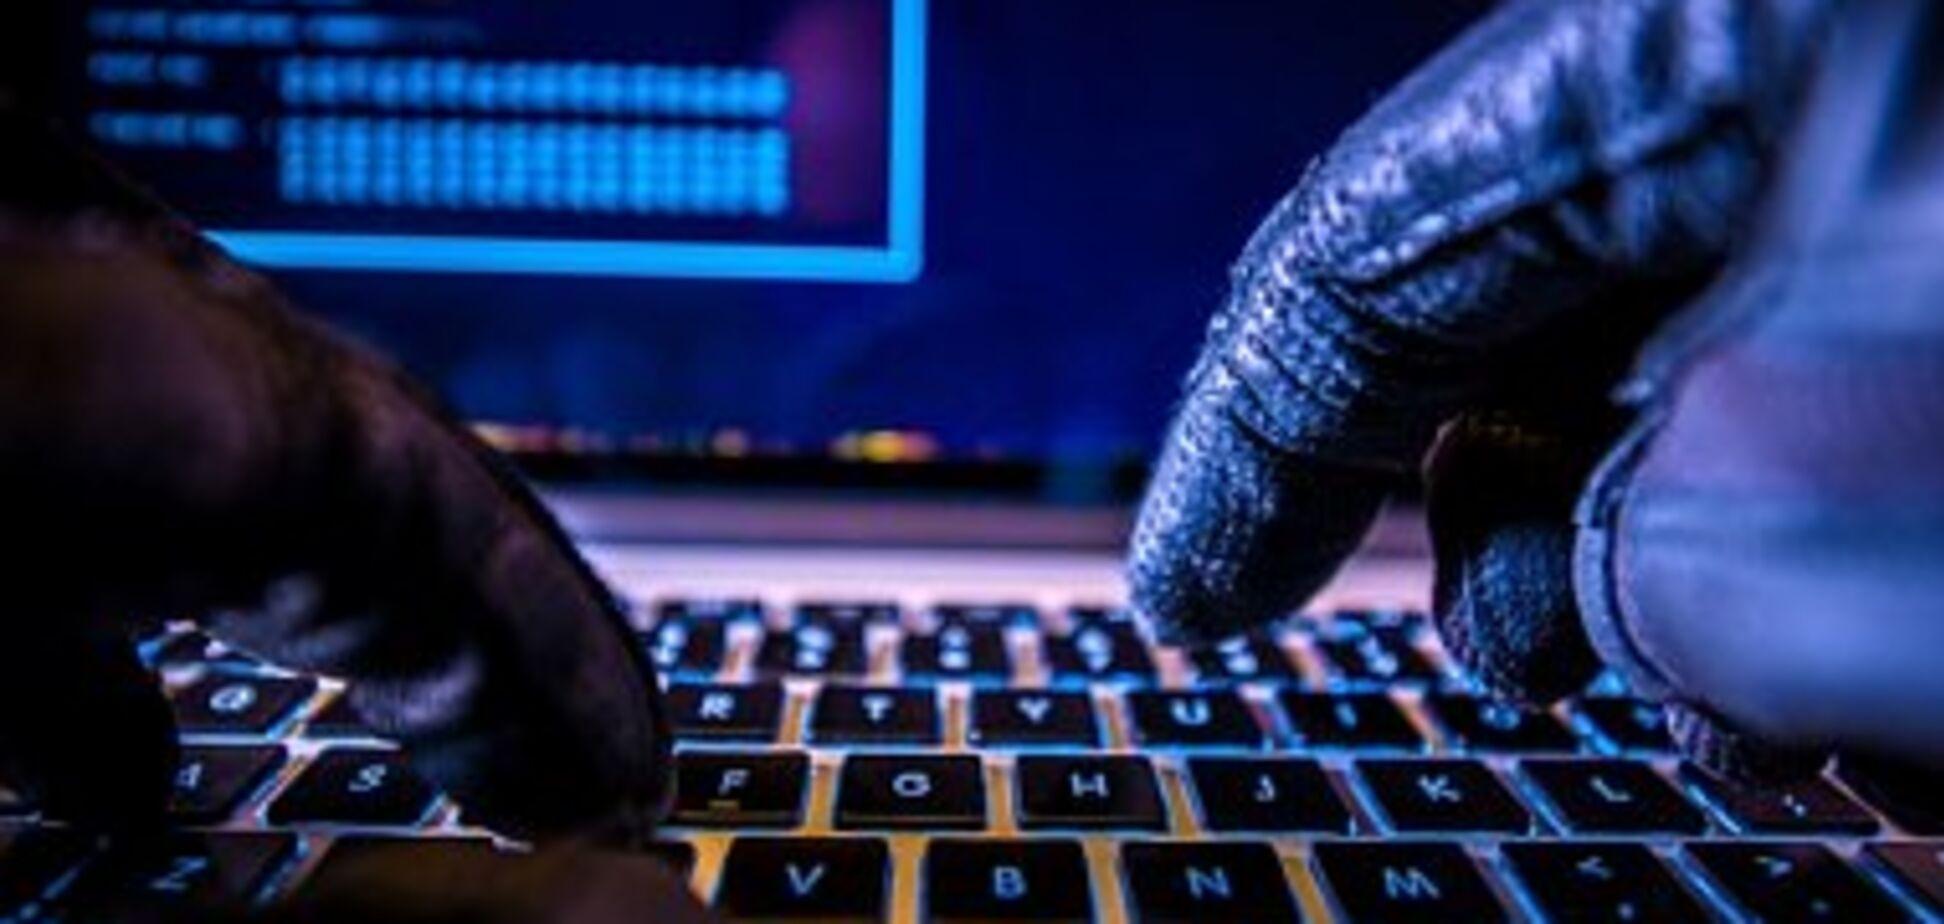 Россию обвинили в мощнейшей кибератаке по миру